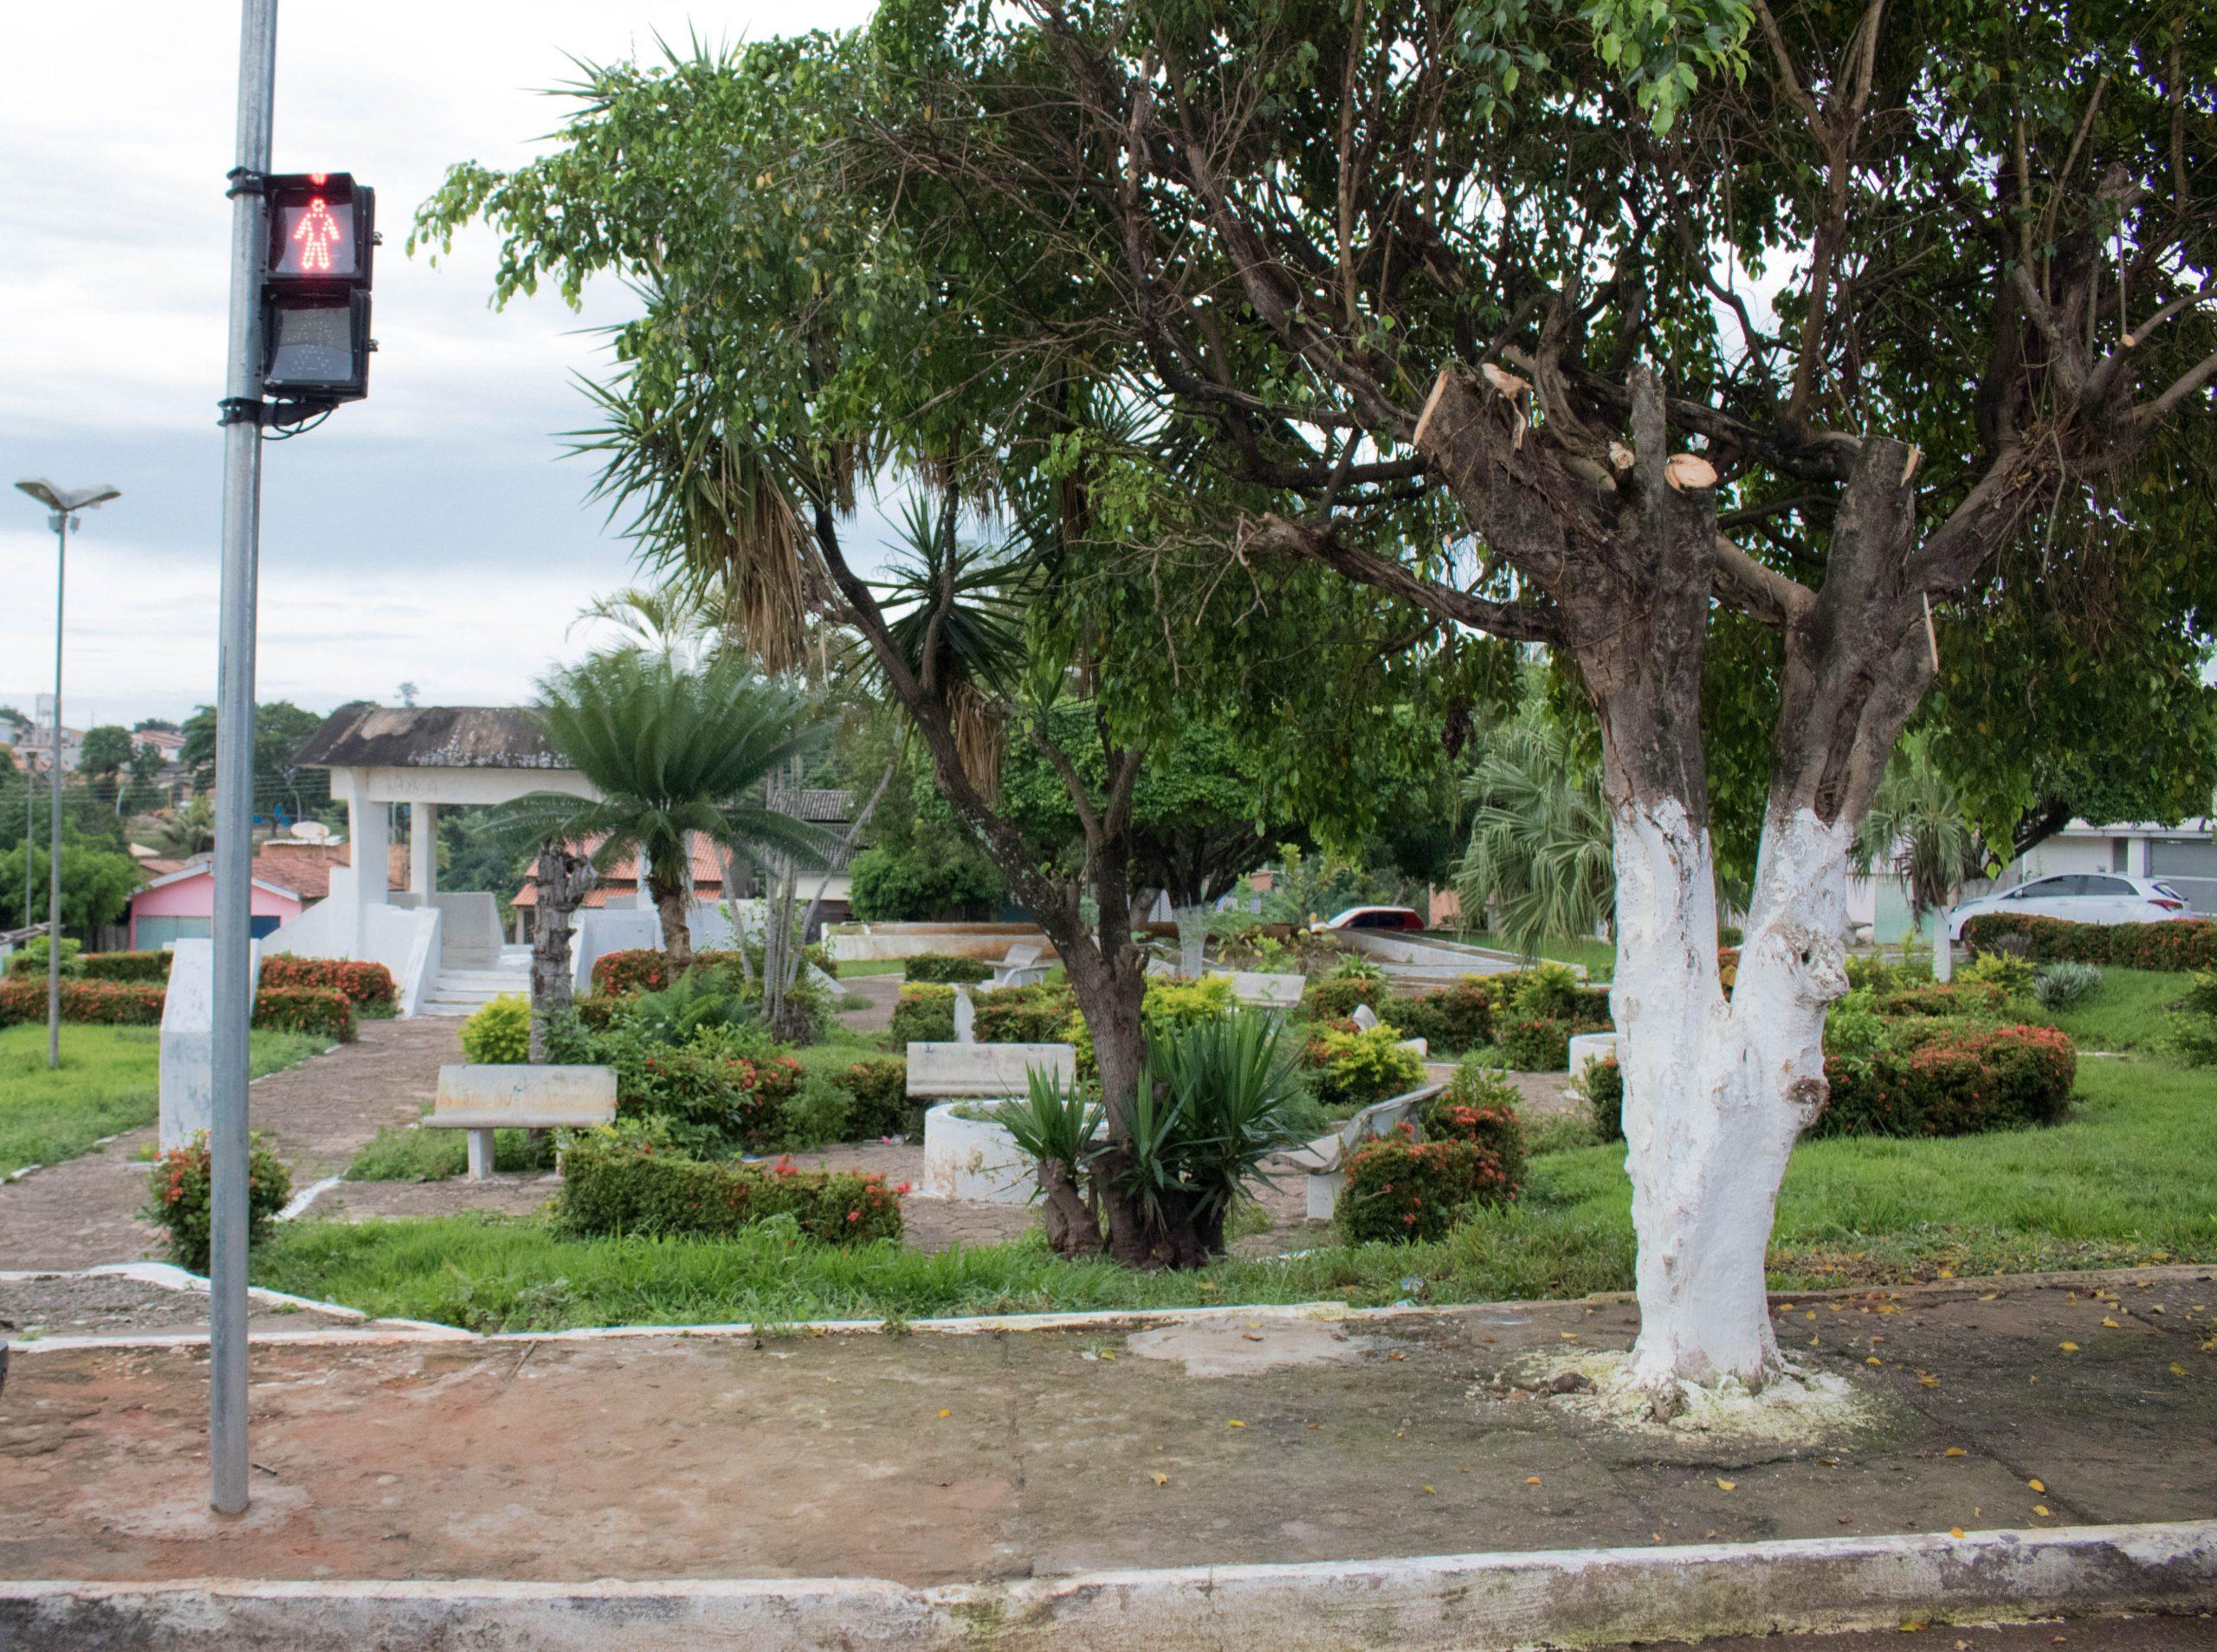 Sistema de semáforos começa a funcionar no cruzamento da Tucupi com Carlos Santos